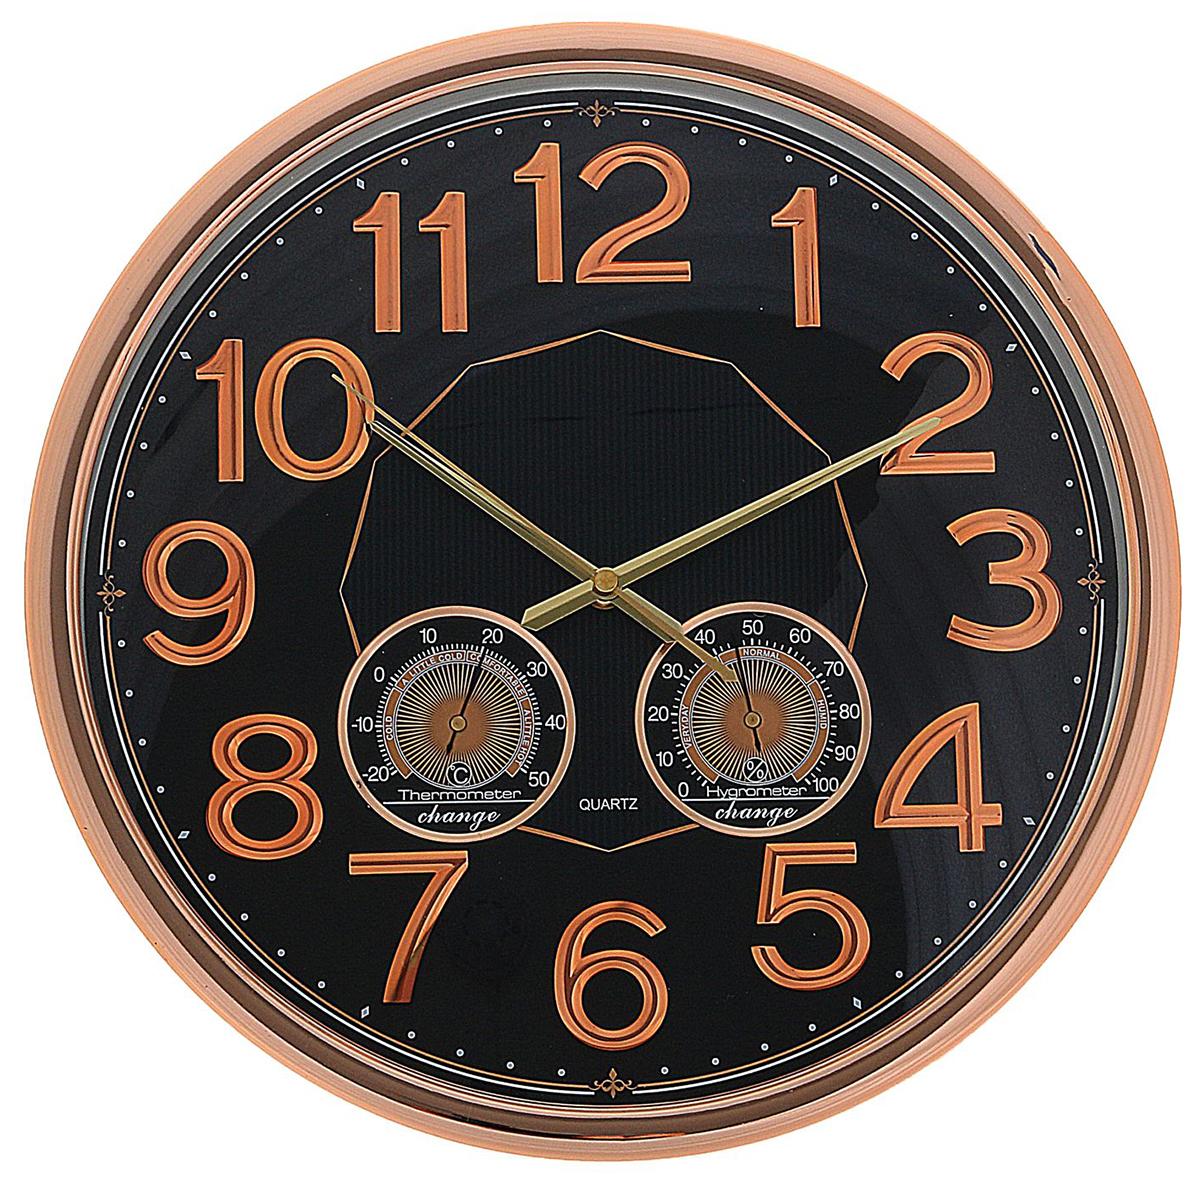 Часы настенные интерьерные, с термометром и гигрометром, цвет: бронза, диаметр 38 см. 23421672342167Каждому хозяину периодически приходит мысль обновить свою квартиру, сделать ремонт, перестановку или кардинально поменять внешний вид каждой комнаты. — привлекательная деталь, которая поможет воплотить вашу интерьерную идею, создать неповторимую атмосферу в вашем доме. Окружите себя приятными мелочами, пусть они радуют глаз и дарят гармонию.Часы настенные интерьерные под бронзу, объёмные цифры, термометр, гигрометр круг 38*5 см 2342167